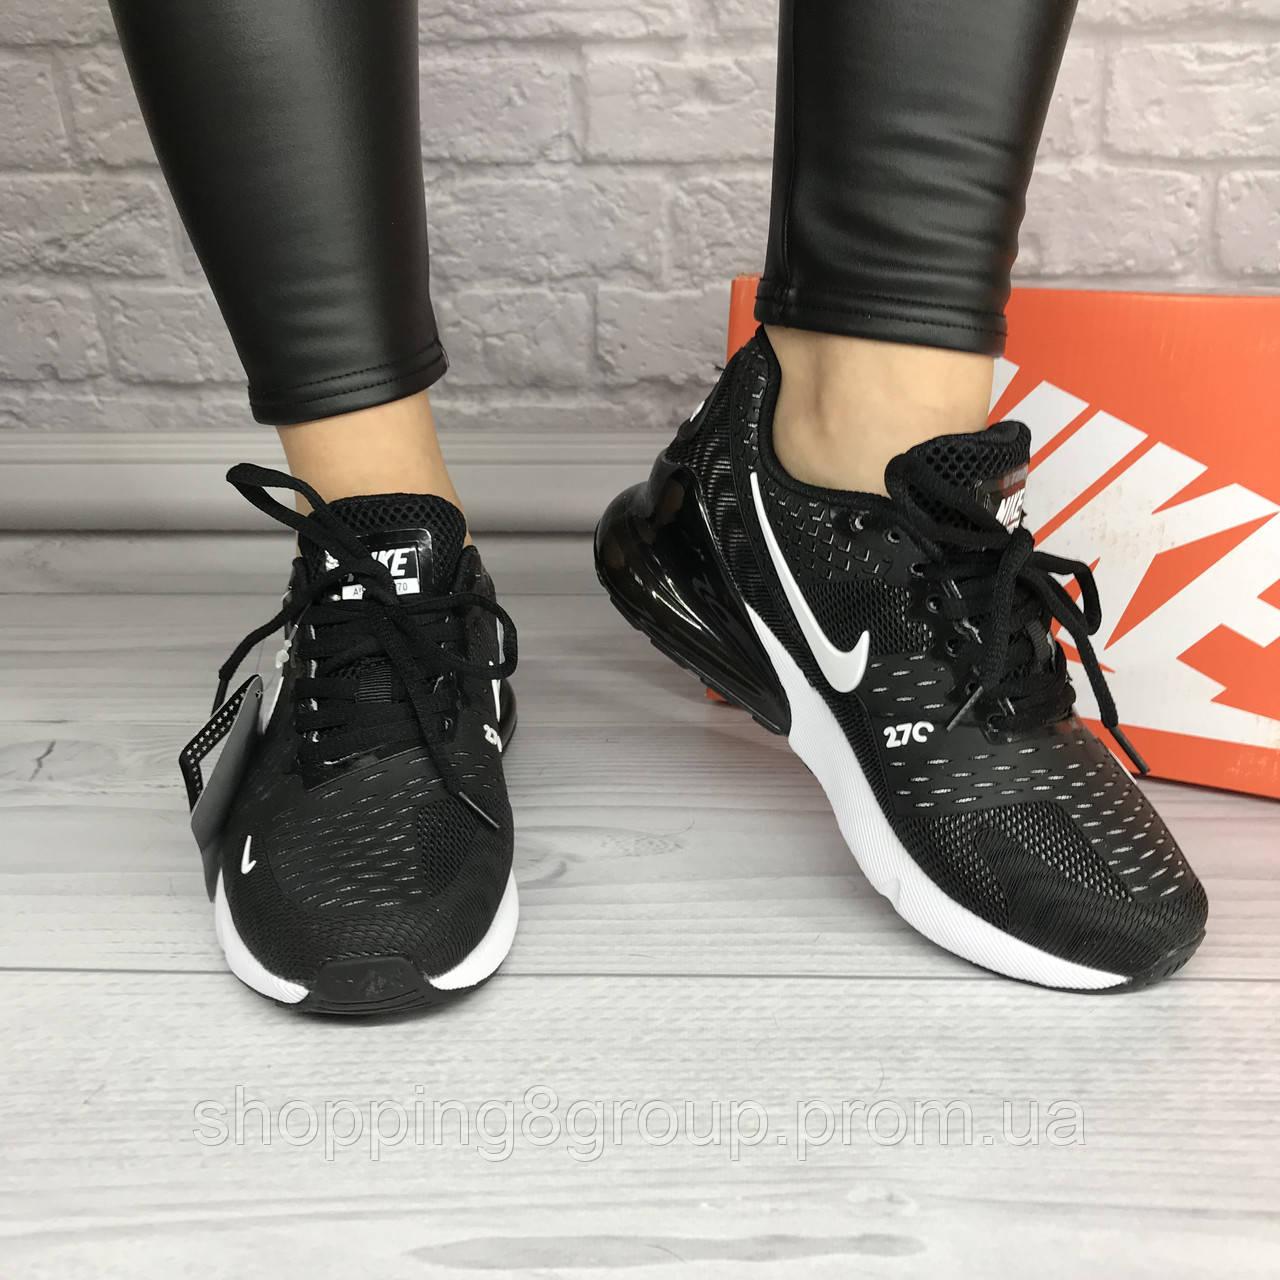 b171cf4c Кроссовки женские Nike Air Max 270 (черный) 38,39,40,41, цена 1 285 ...